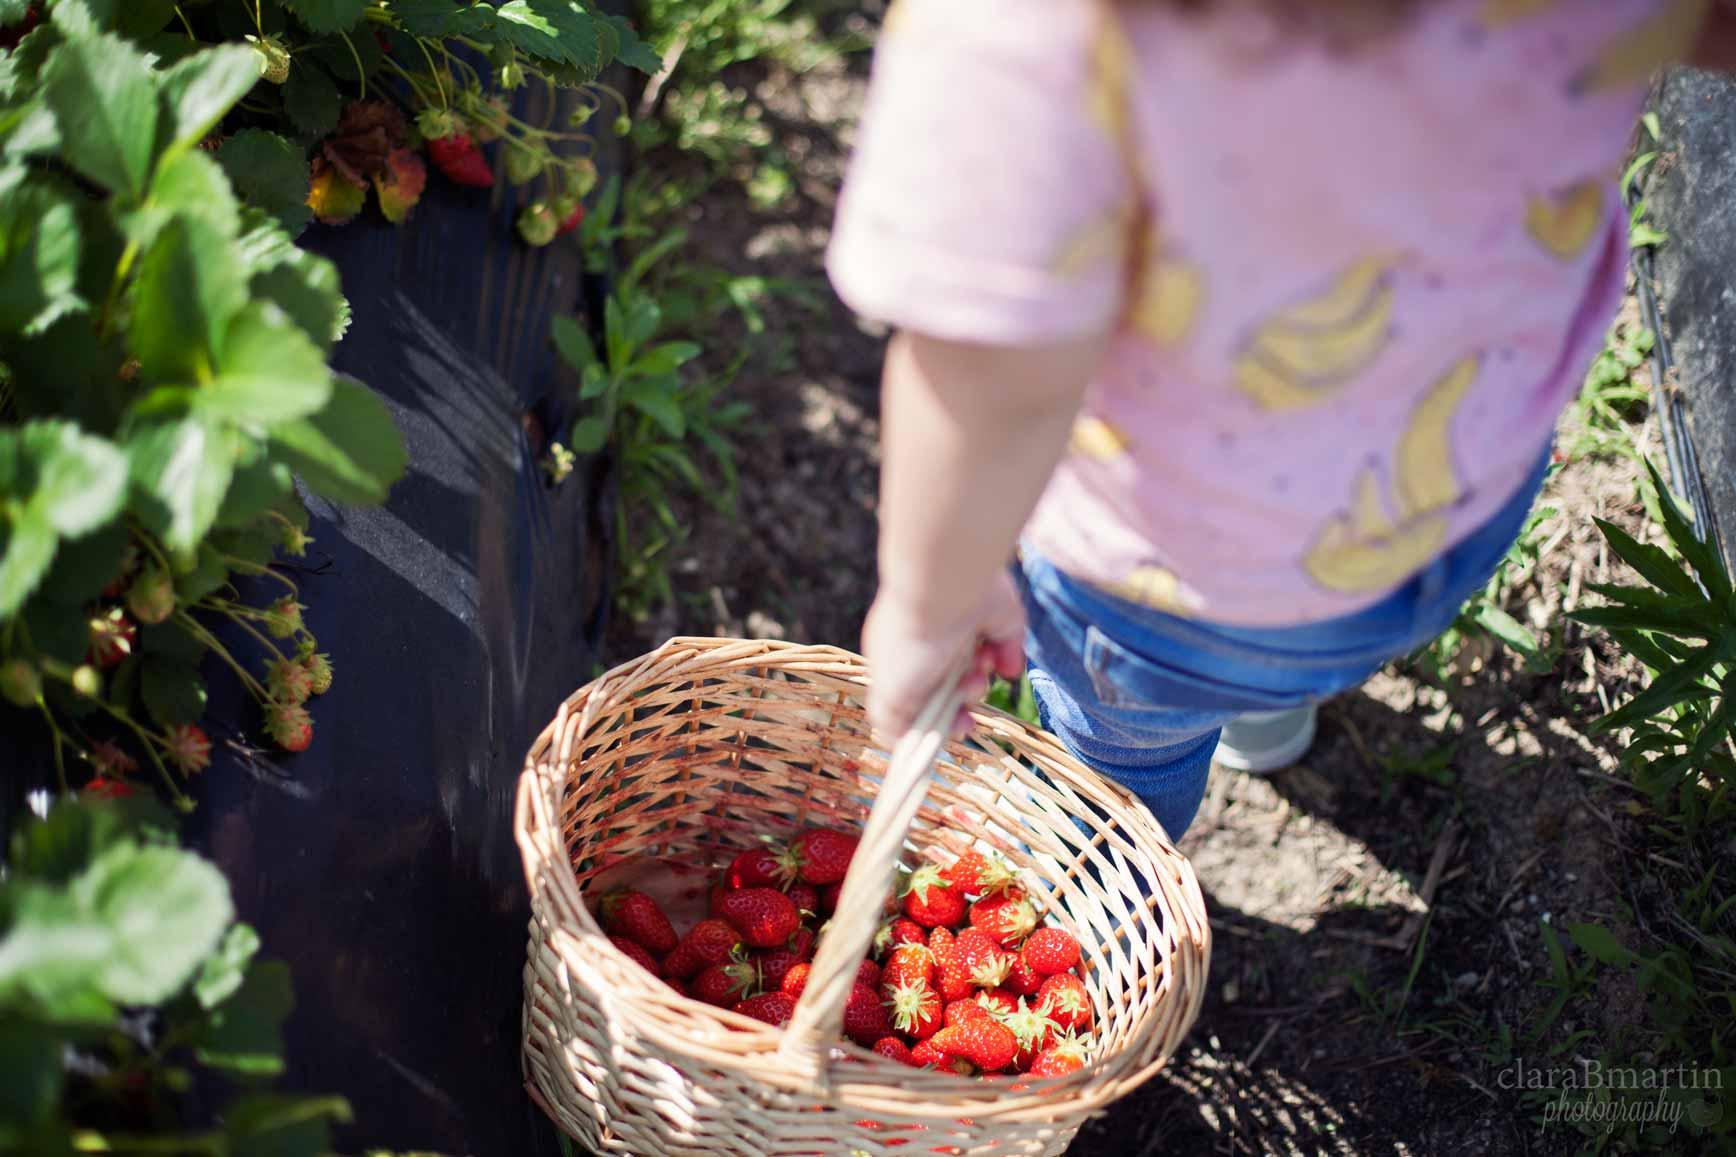 Recolectar fresas en Madrid